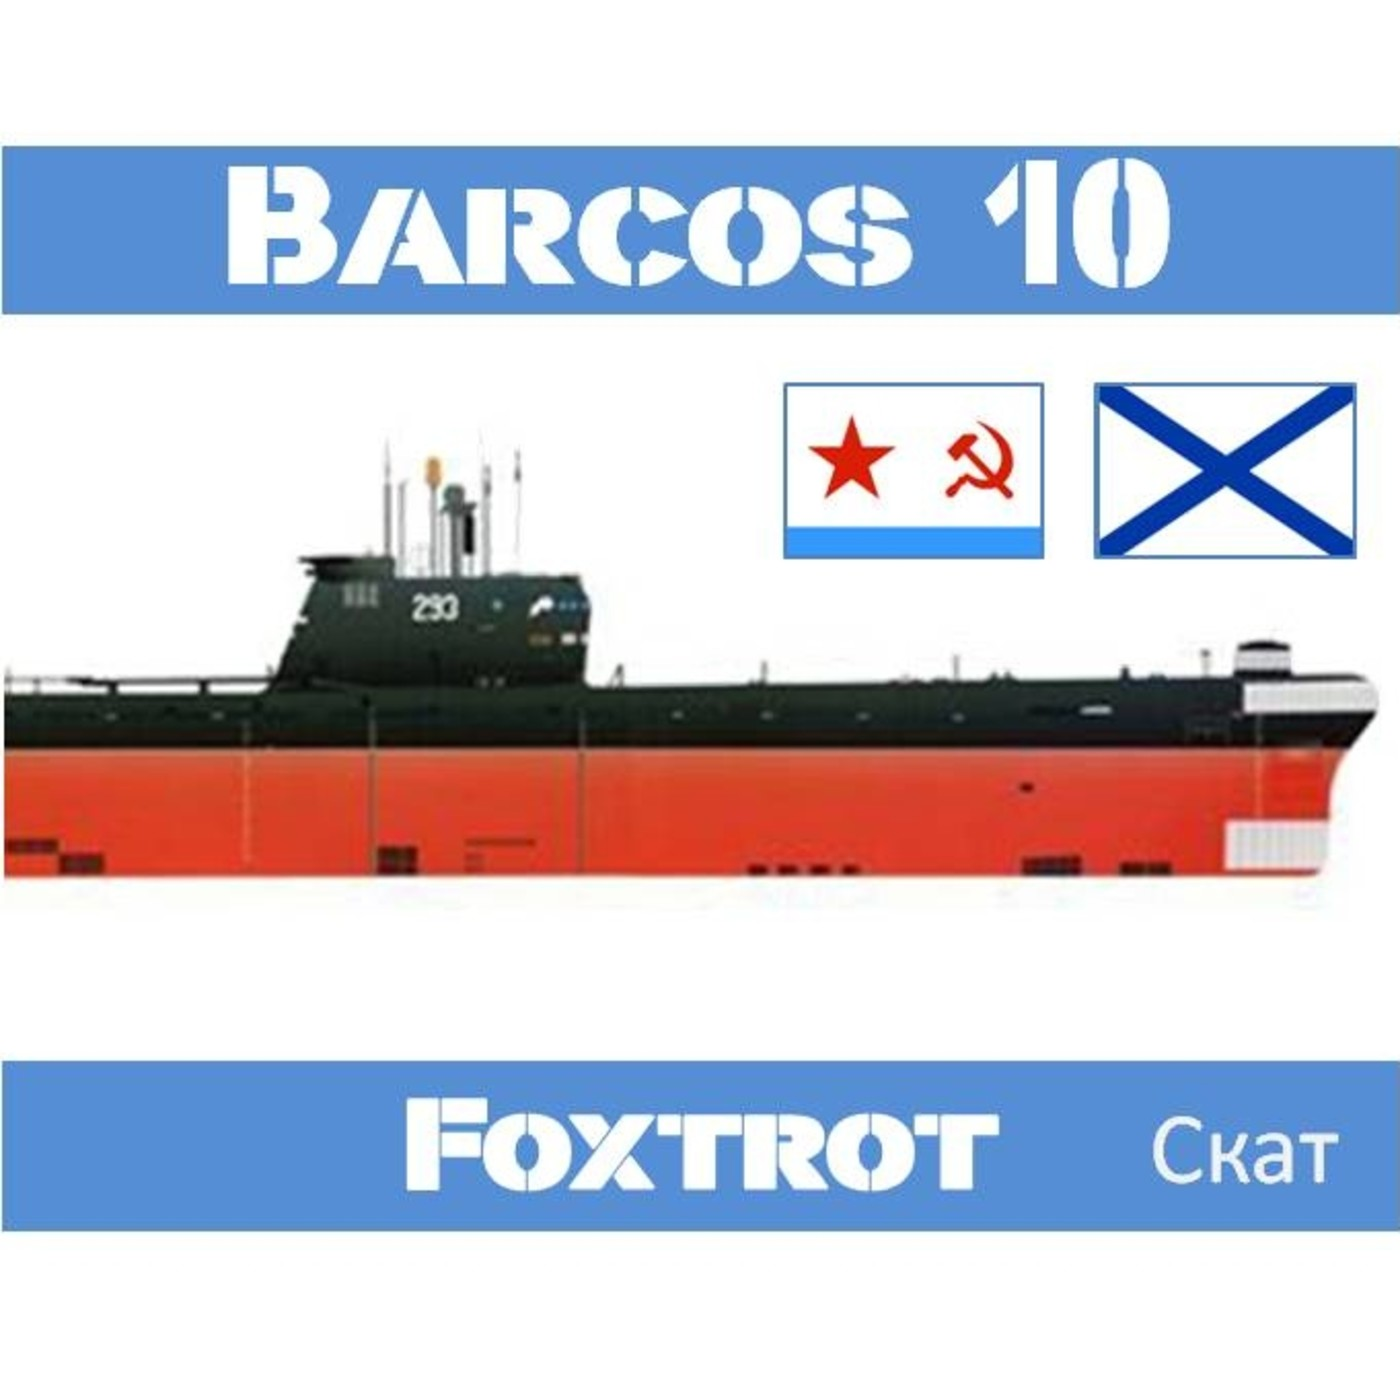 BARCOS 10#48 Clase Foxtrot, el Escorpión Soviético